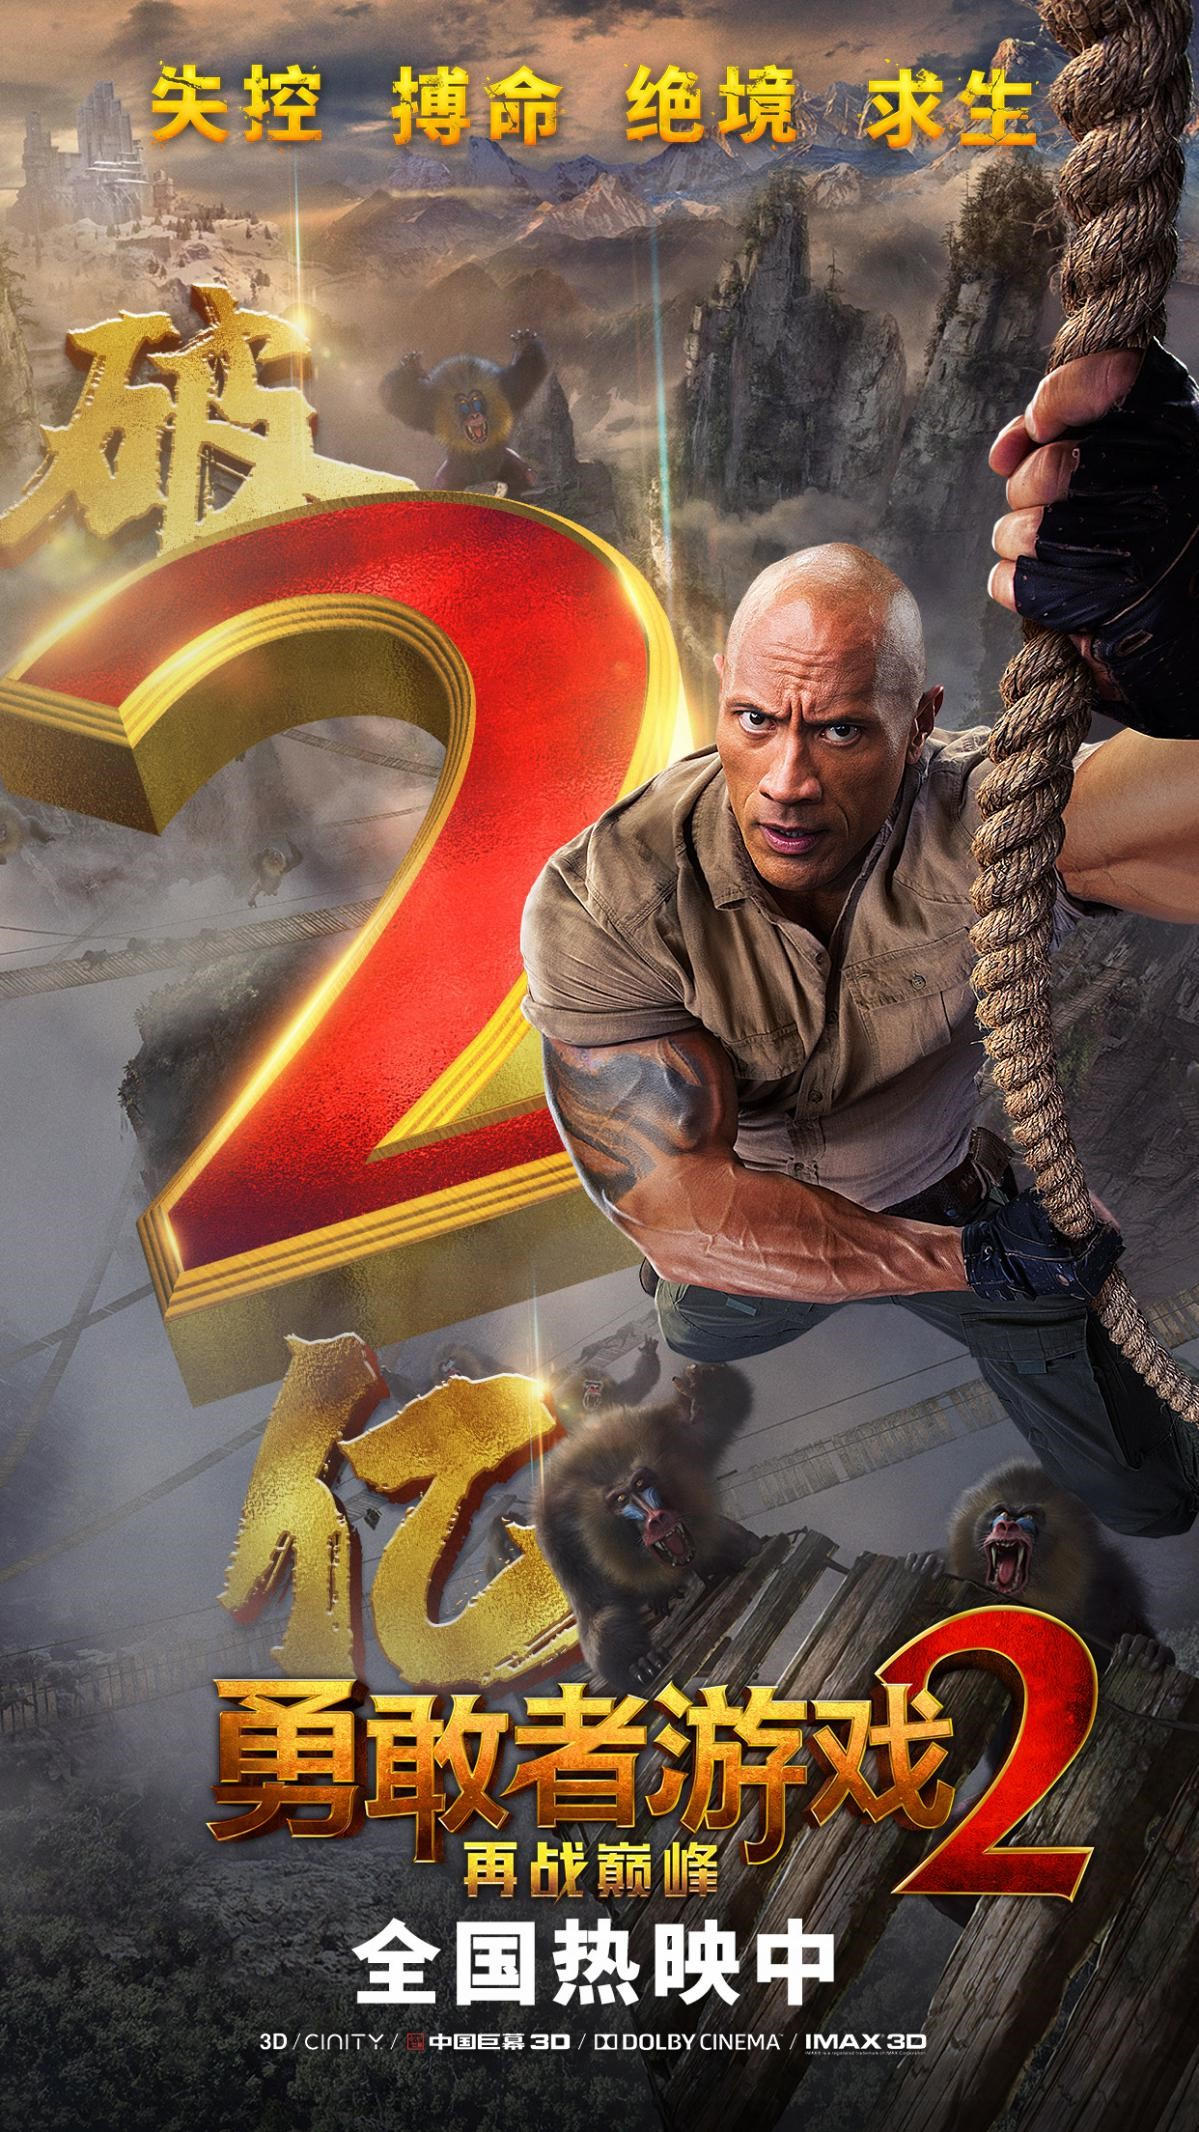 《勇敢者游戏2:再战巅峰》国外口碑获赞 解压大片带来开挂体验